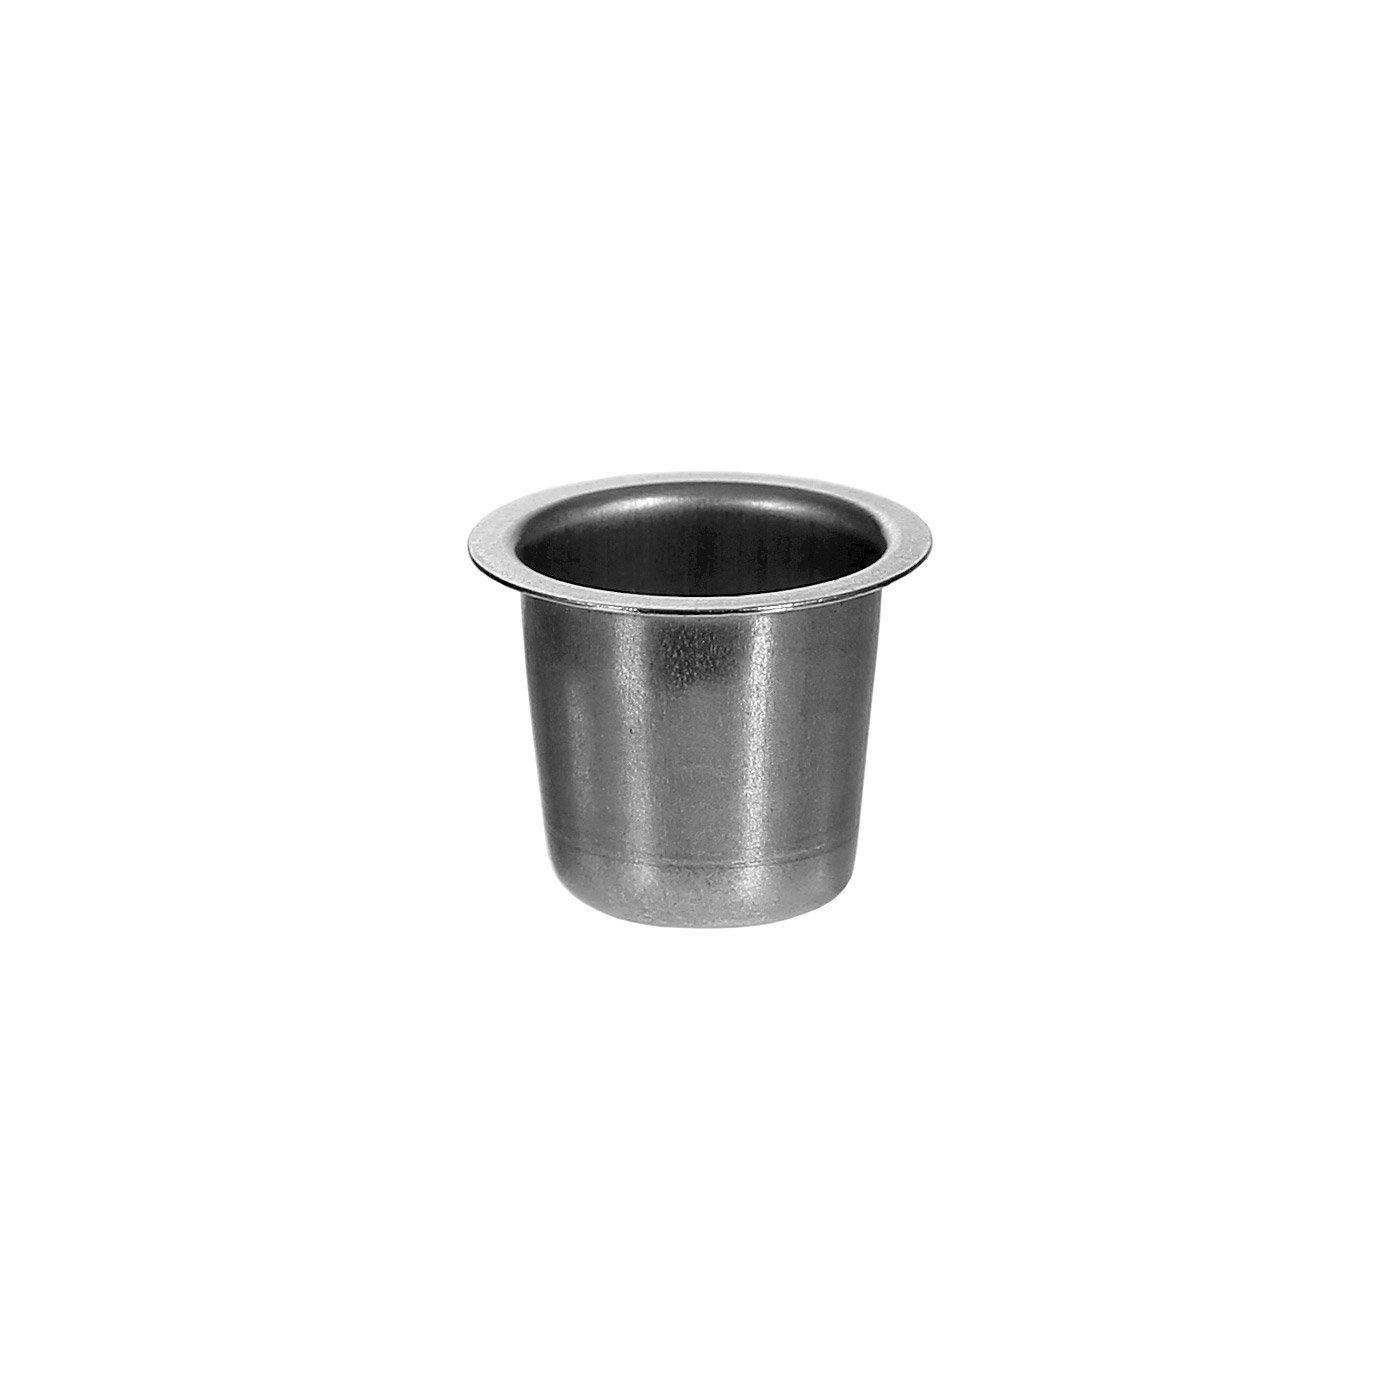 Kerzenhalter konisch Silber 22mm - Tülle und Tropfenfänger einzeln oder im Set, Größe Tülle 100er Set